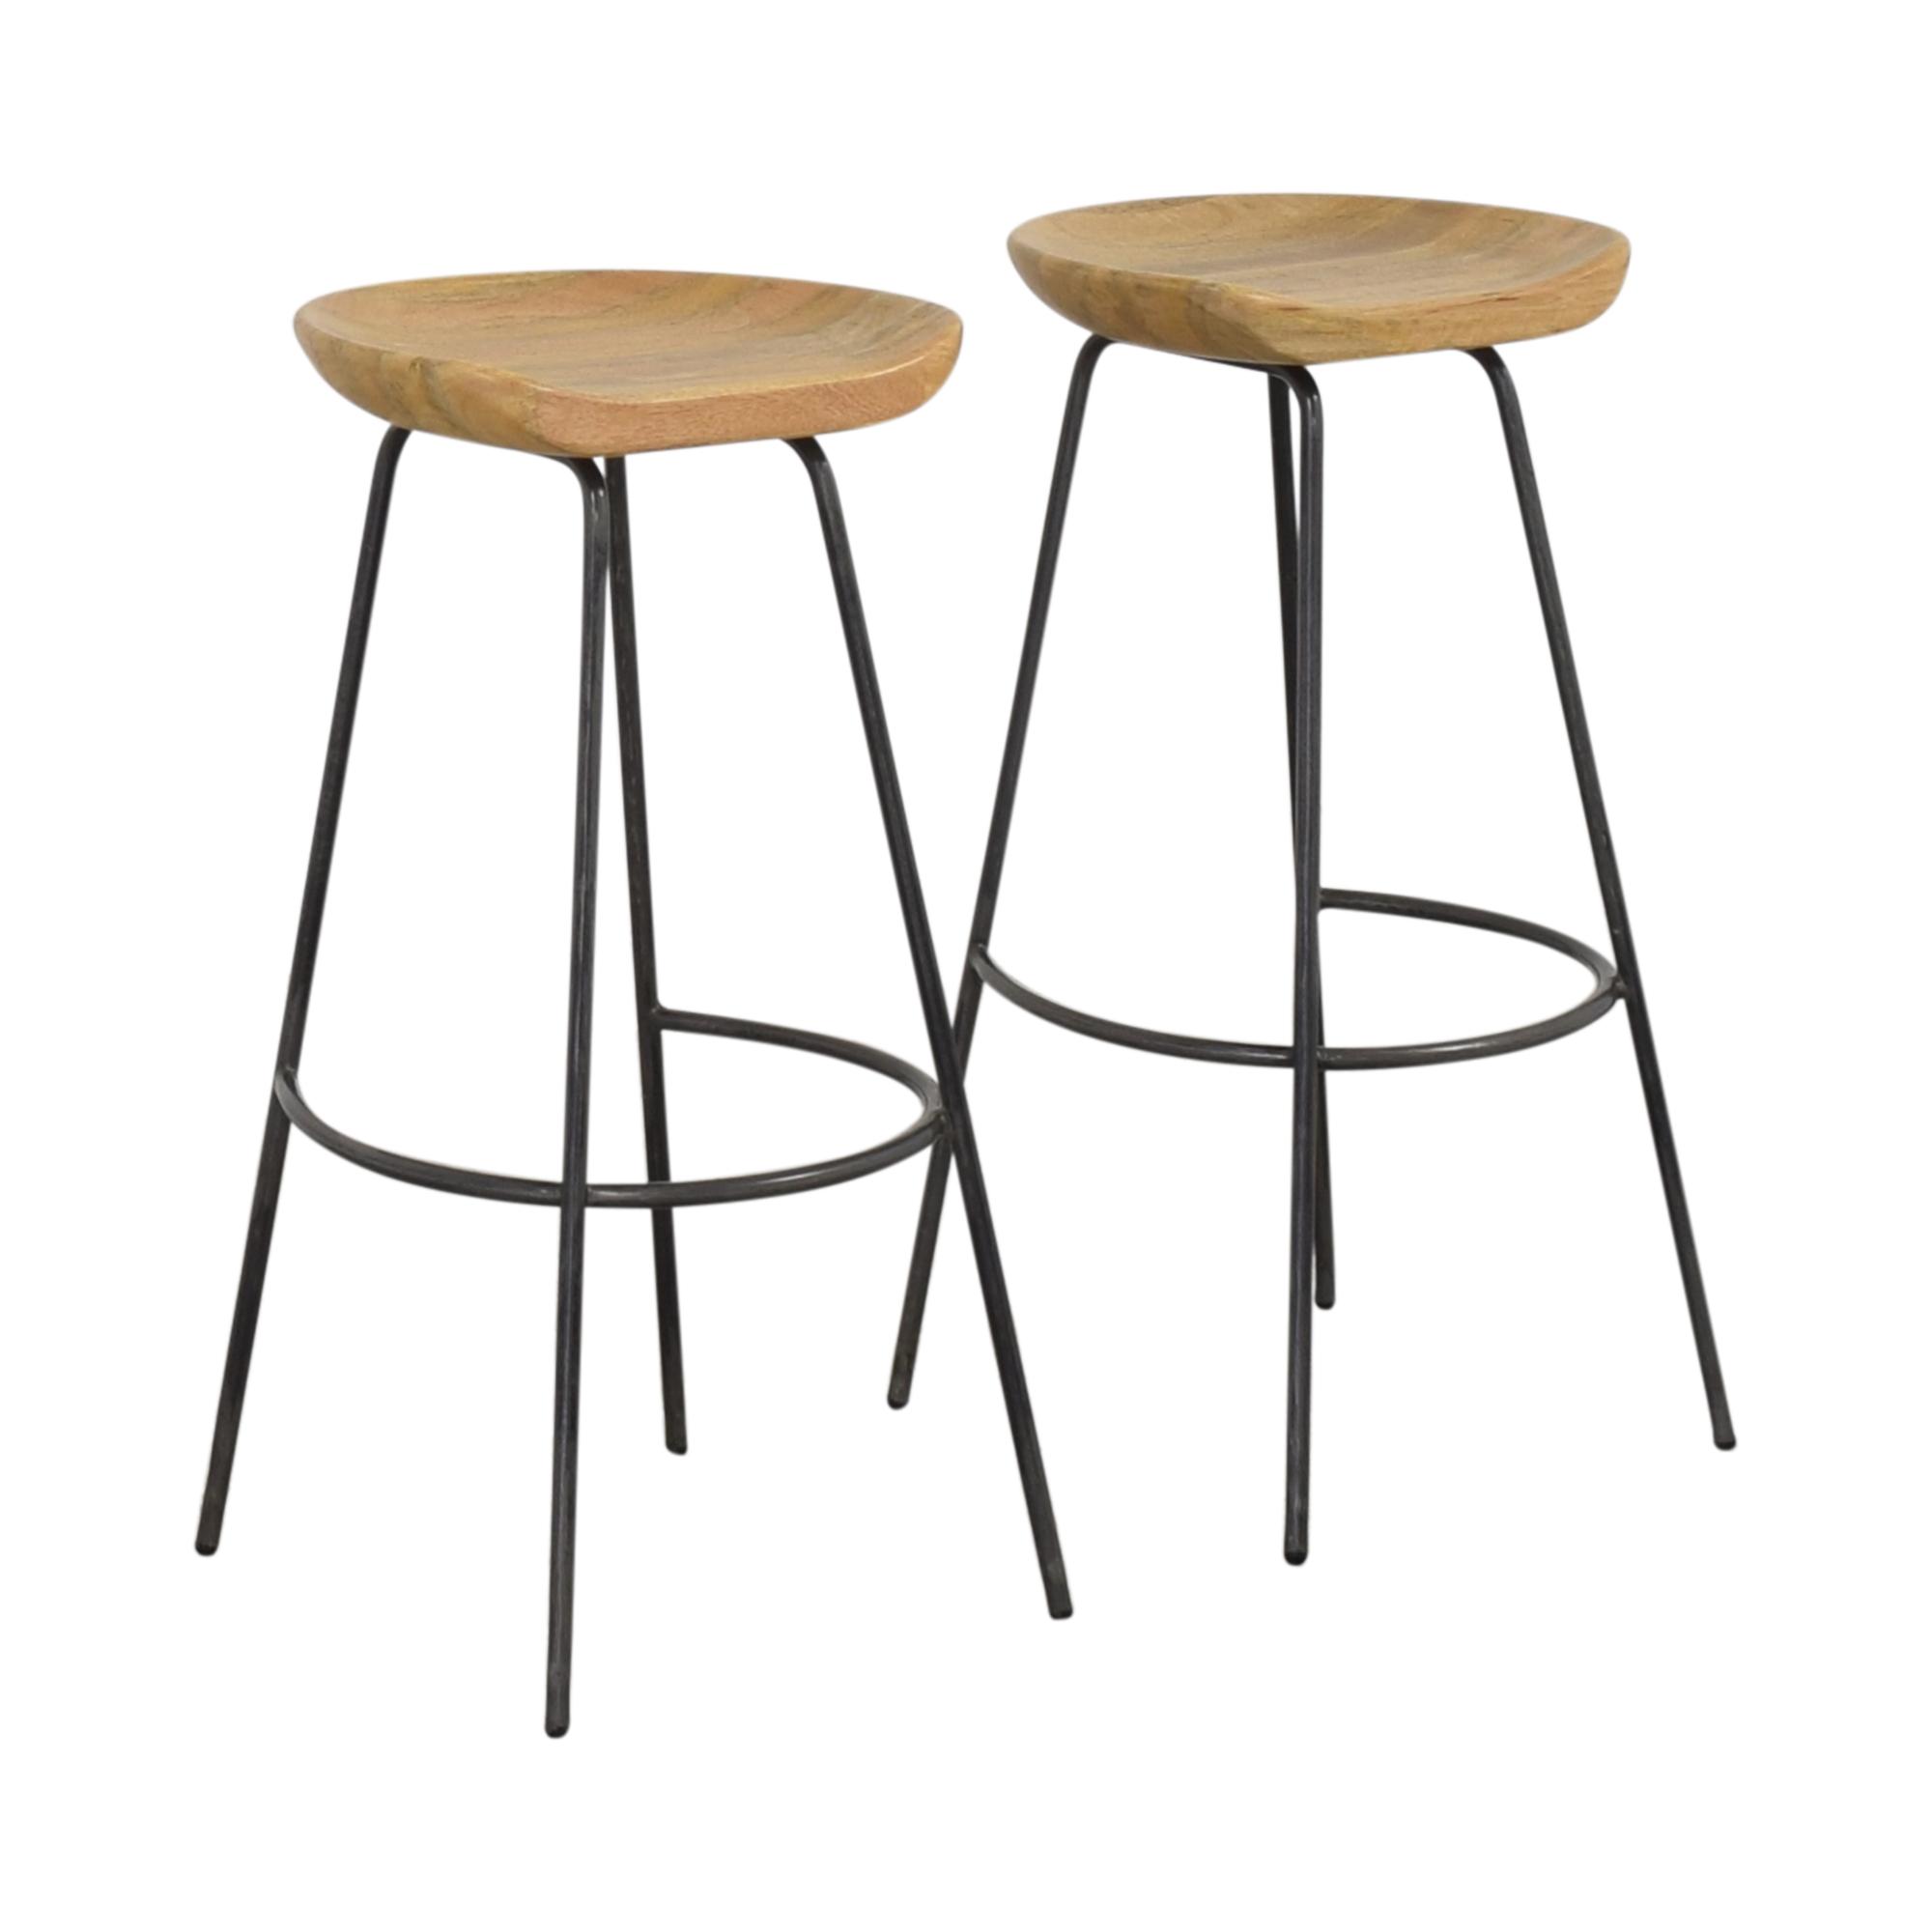 buy West Elm Alden Barstools West Elm Chairs